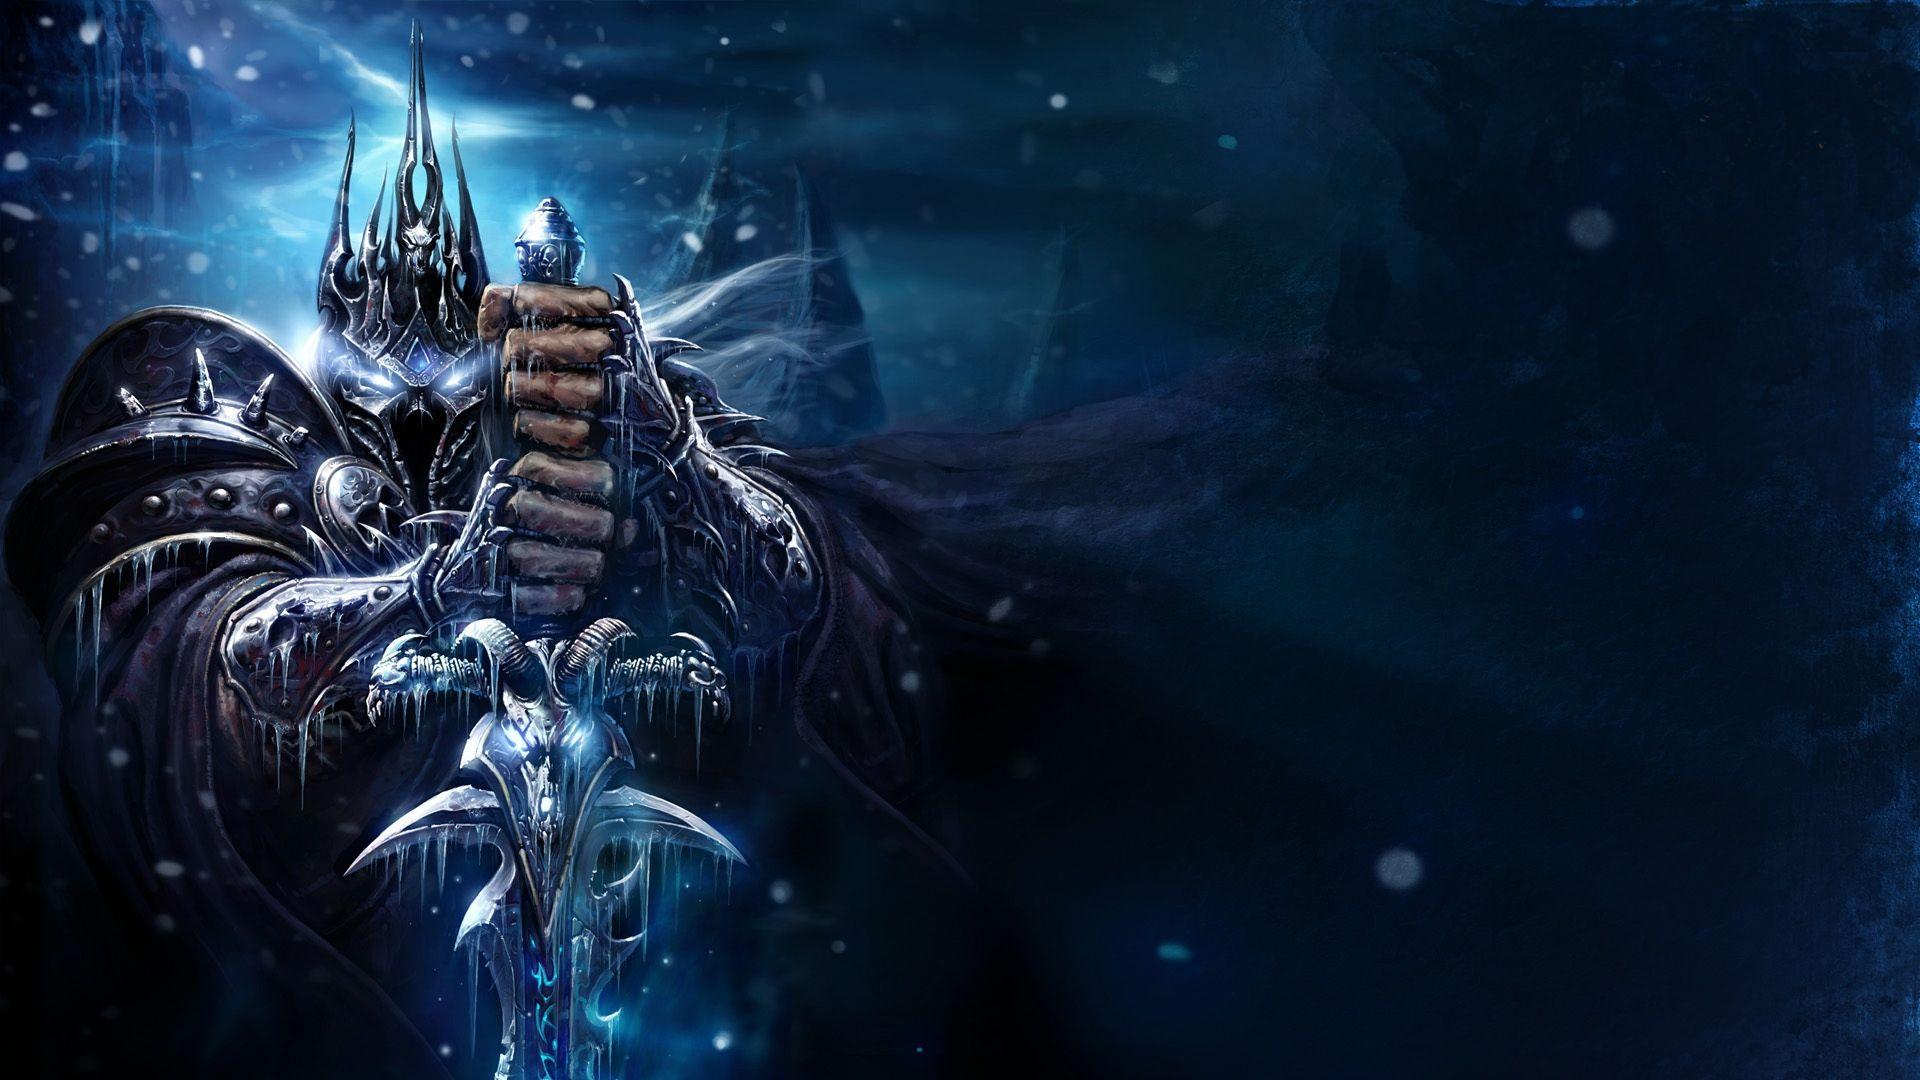 Full Hd P Lich King Wallpapers Hd Desktop Backgrounds Lich King Wallpaper Lich King Fantasy Warrior Men